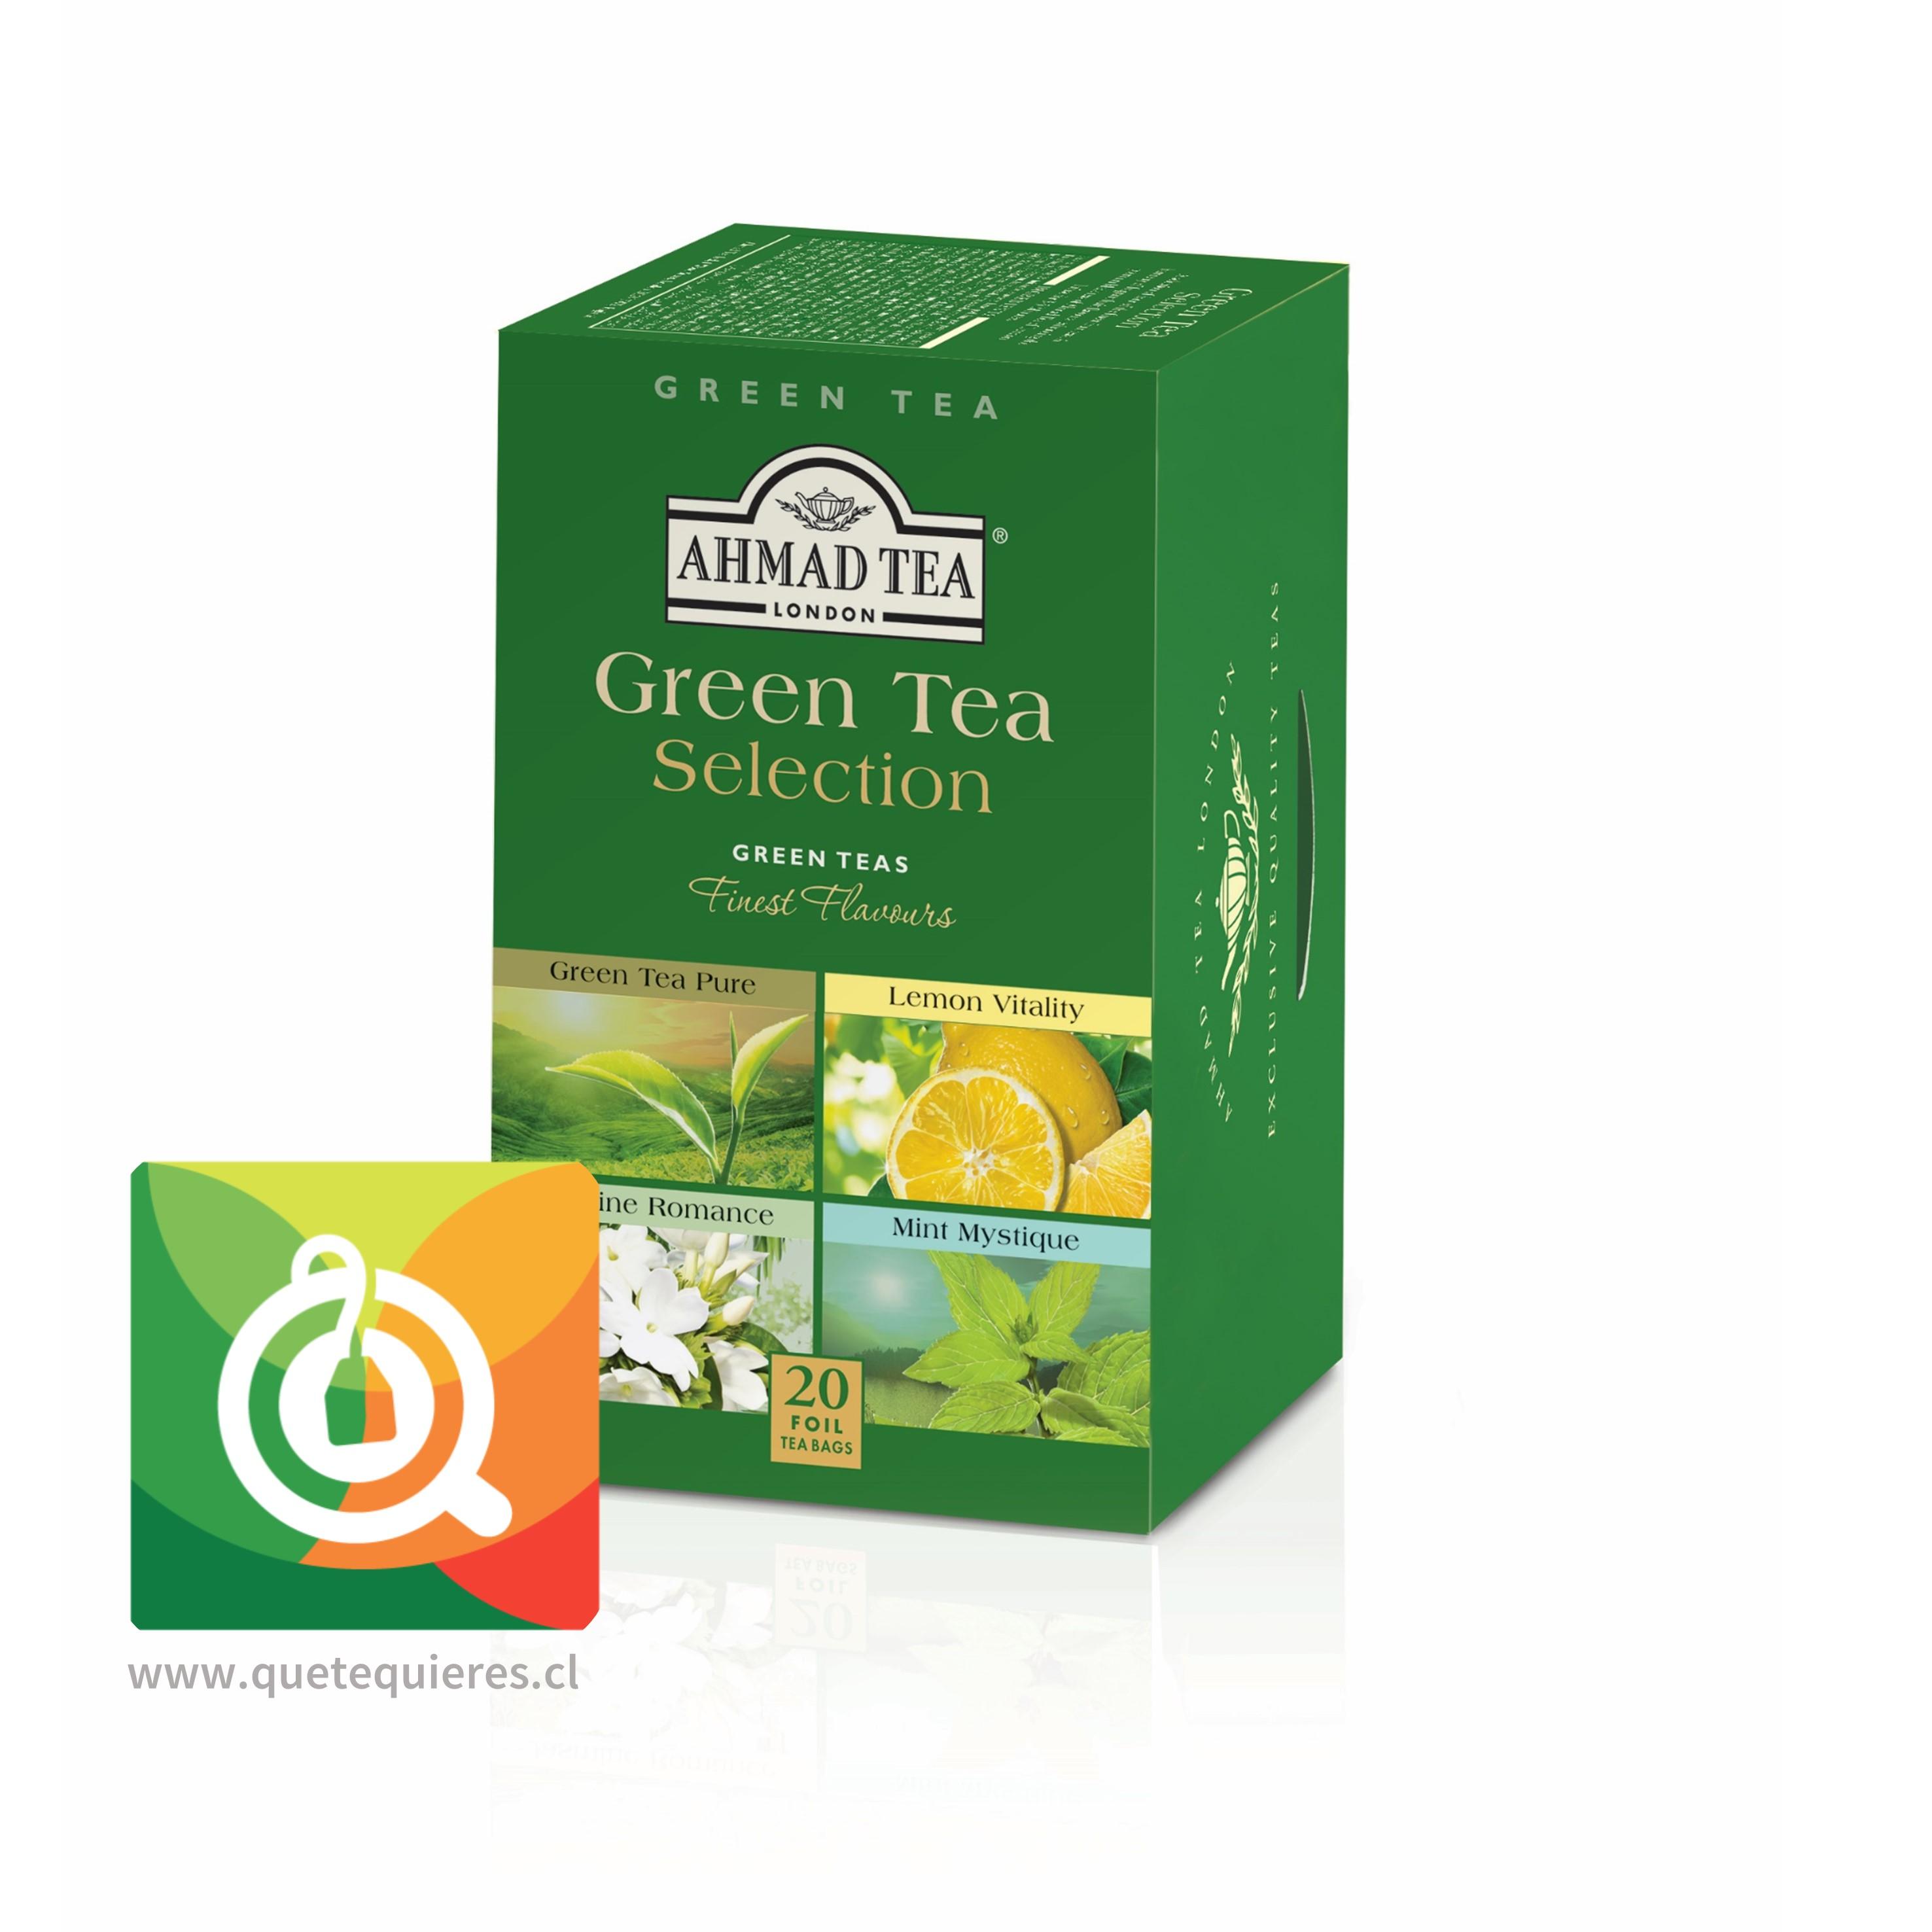 Ahmad Té Verde Green Selenction - Surtido Tés Verdes